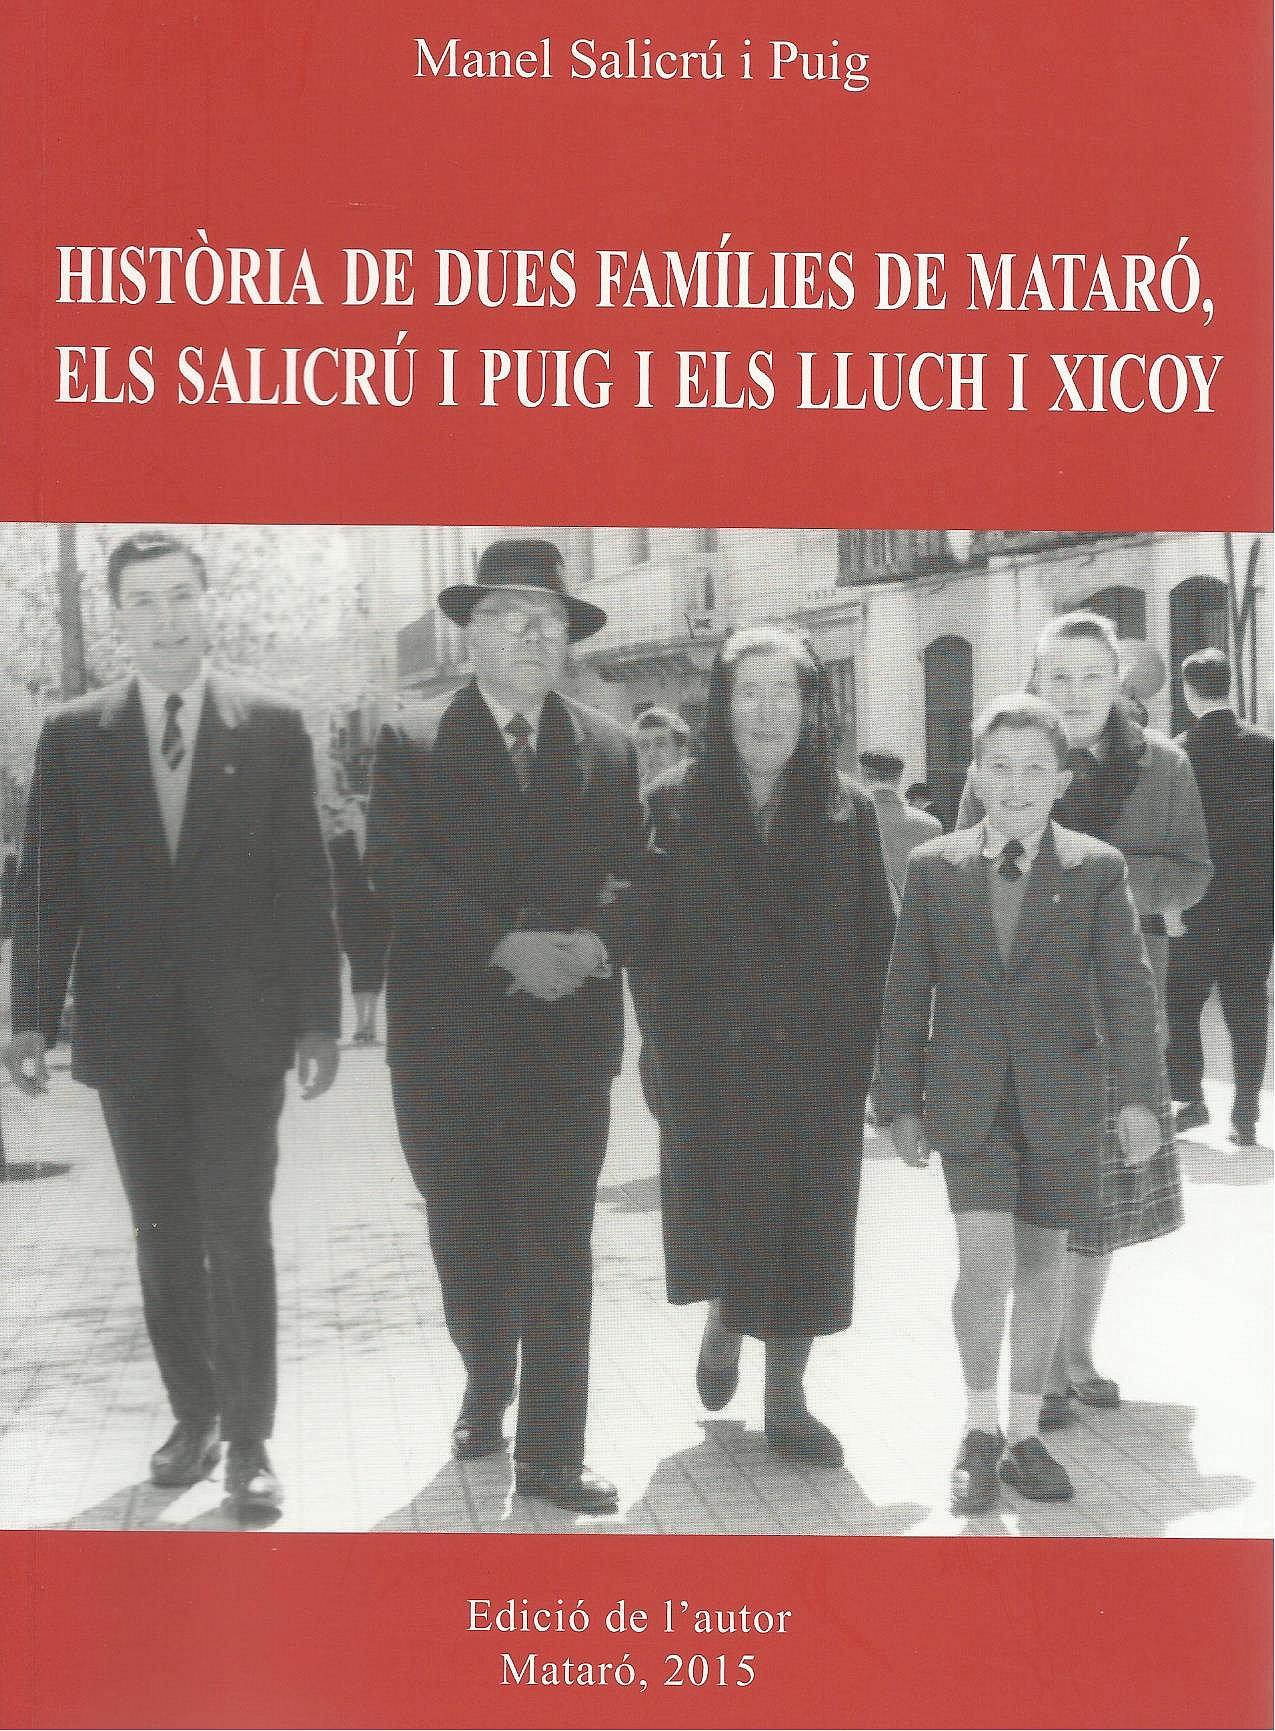 Presentació del llibre de Manel Salicrú i Puig